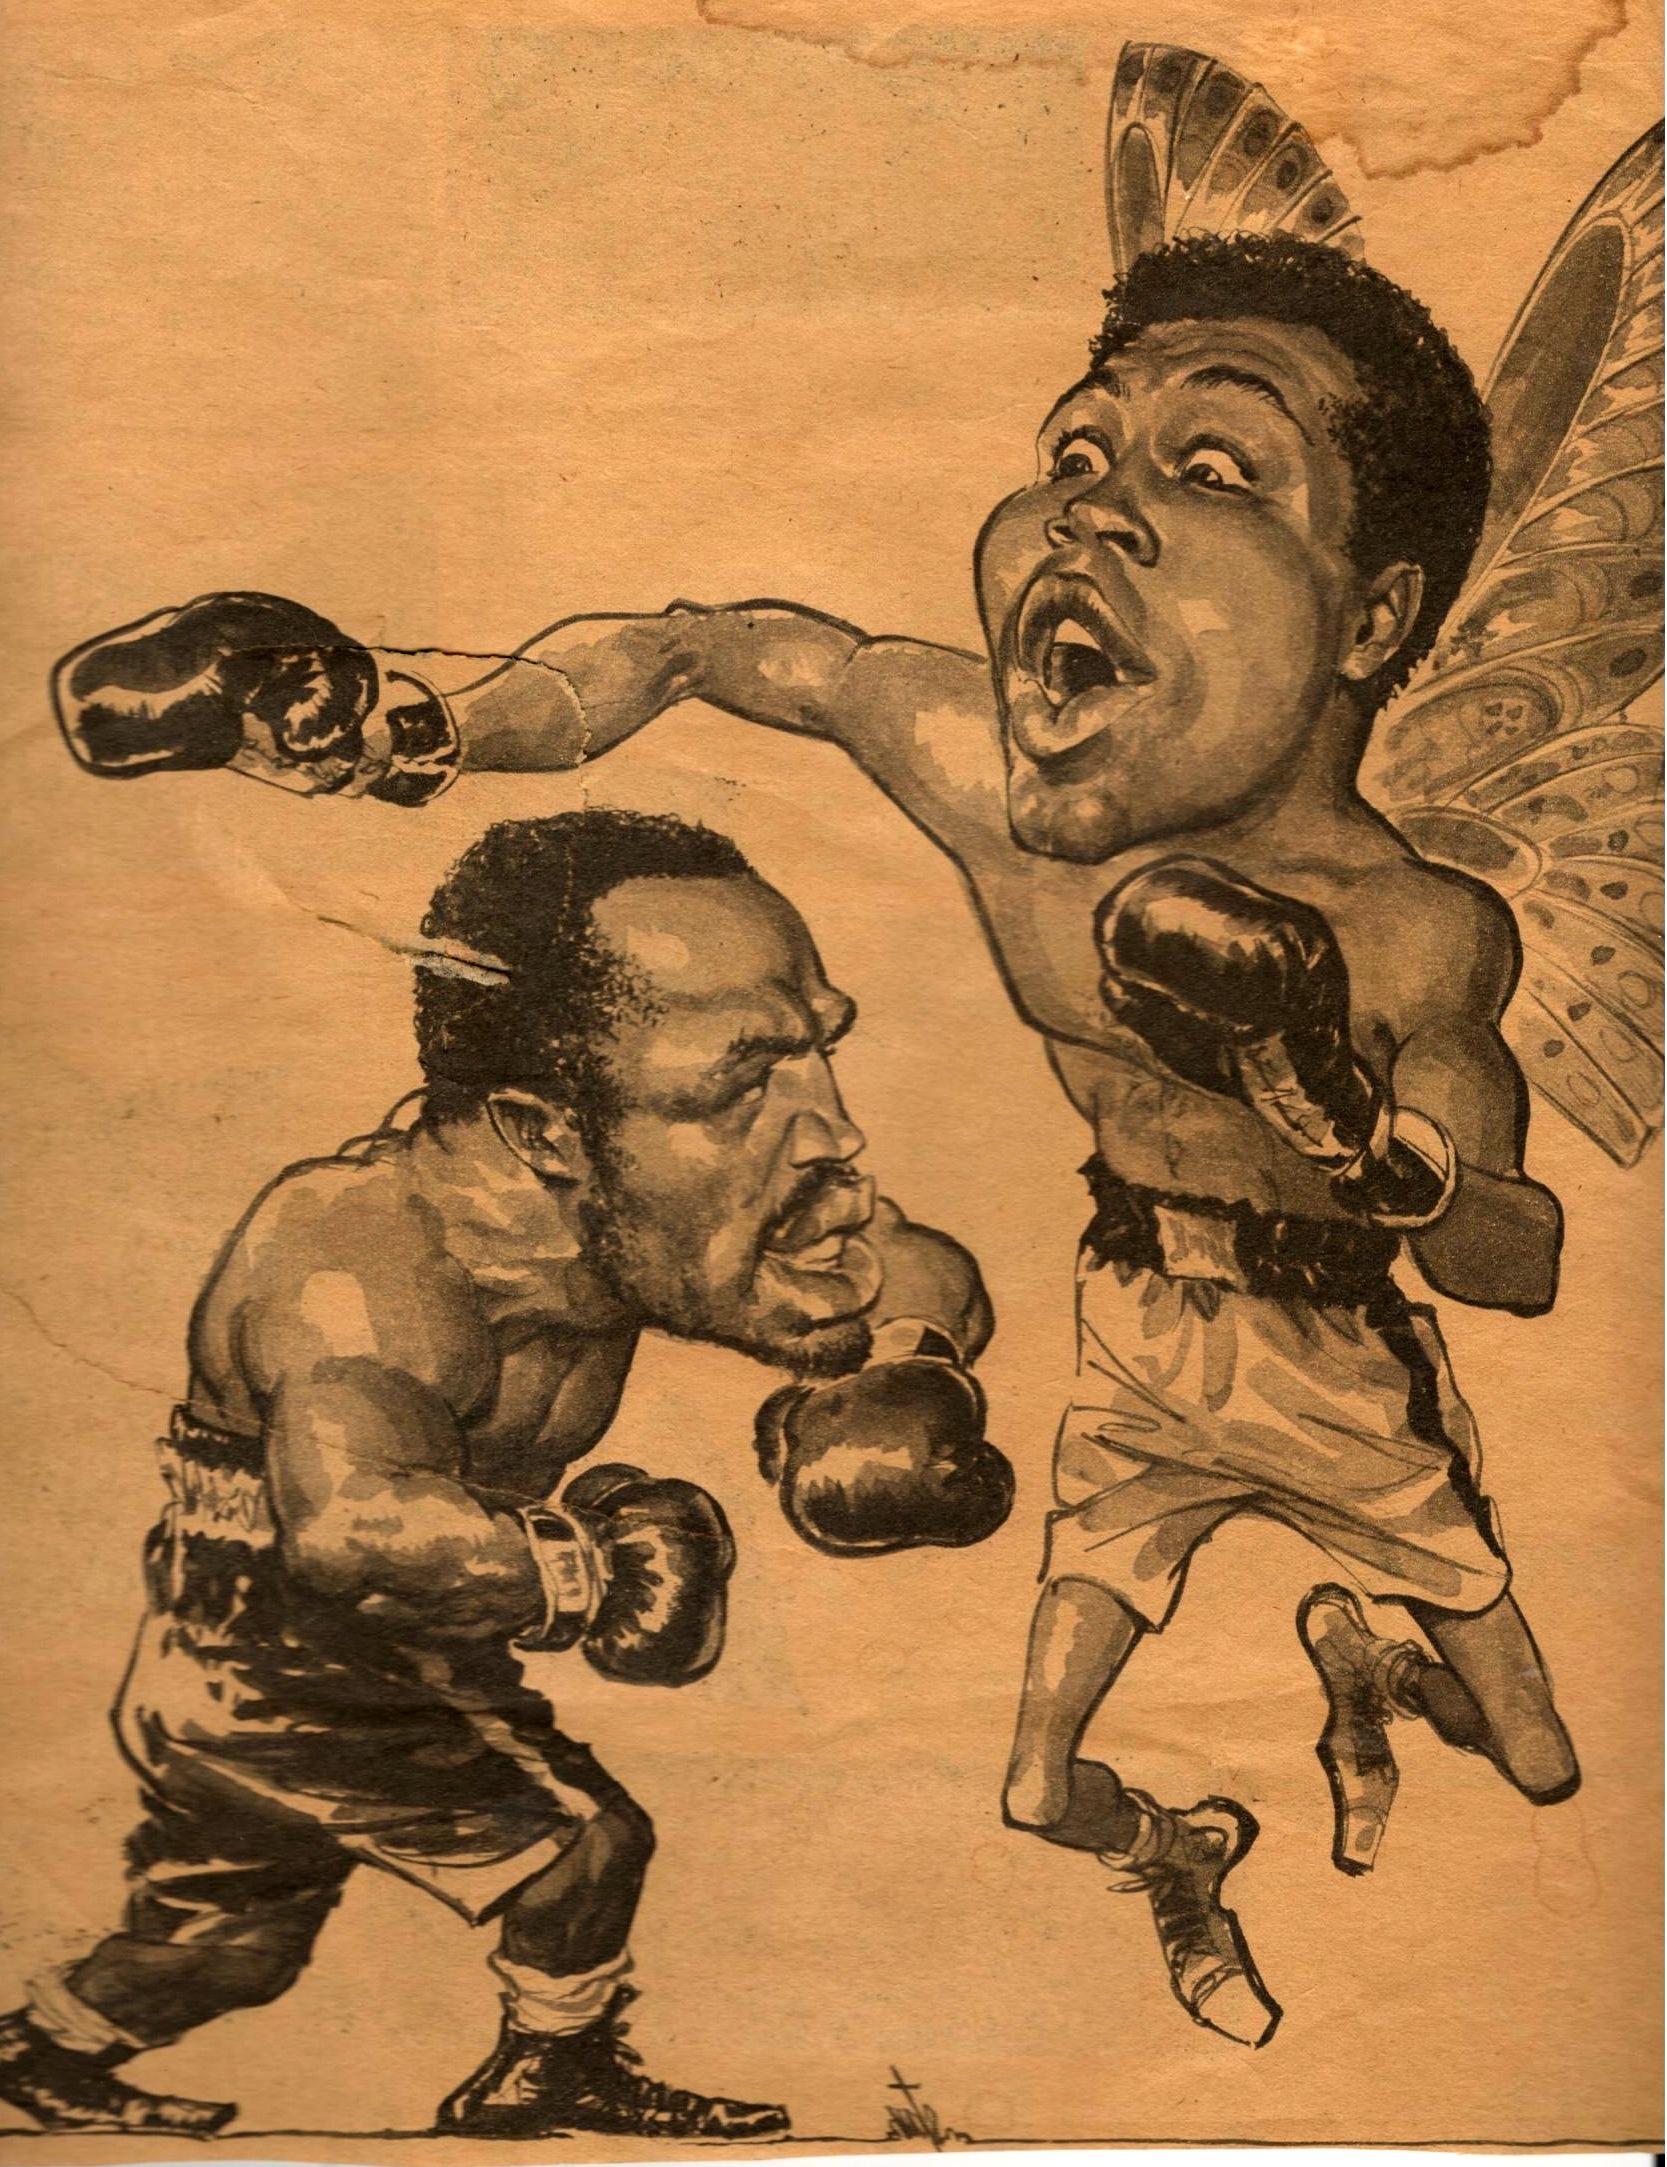 23-muhammad-ali-vs-joe-frazier-iii-cartoon